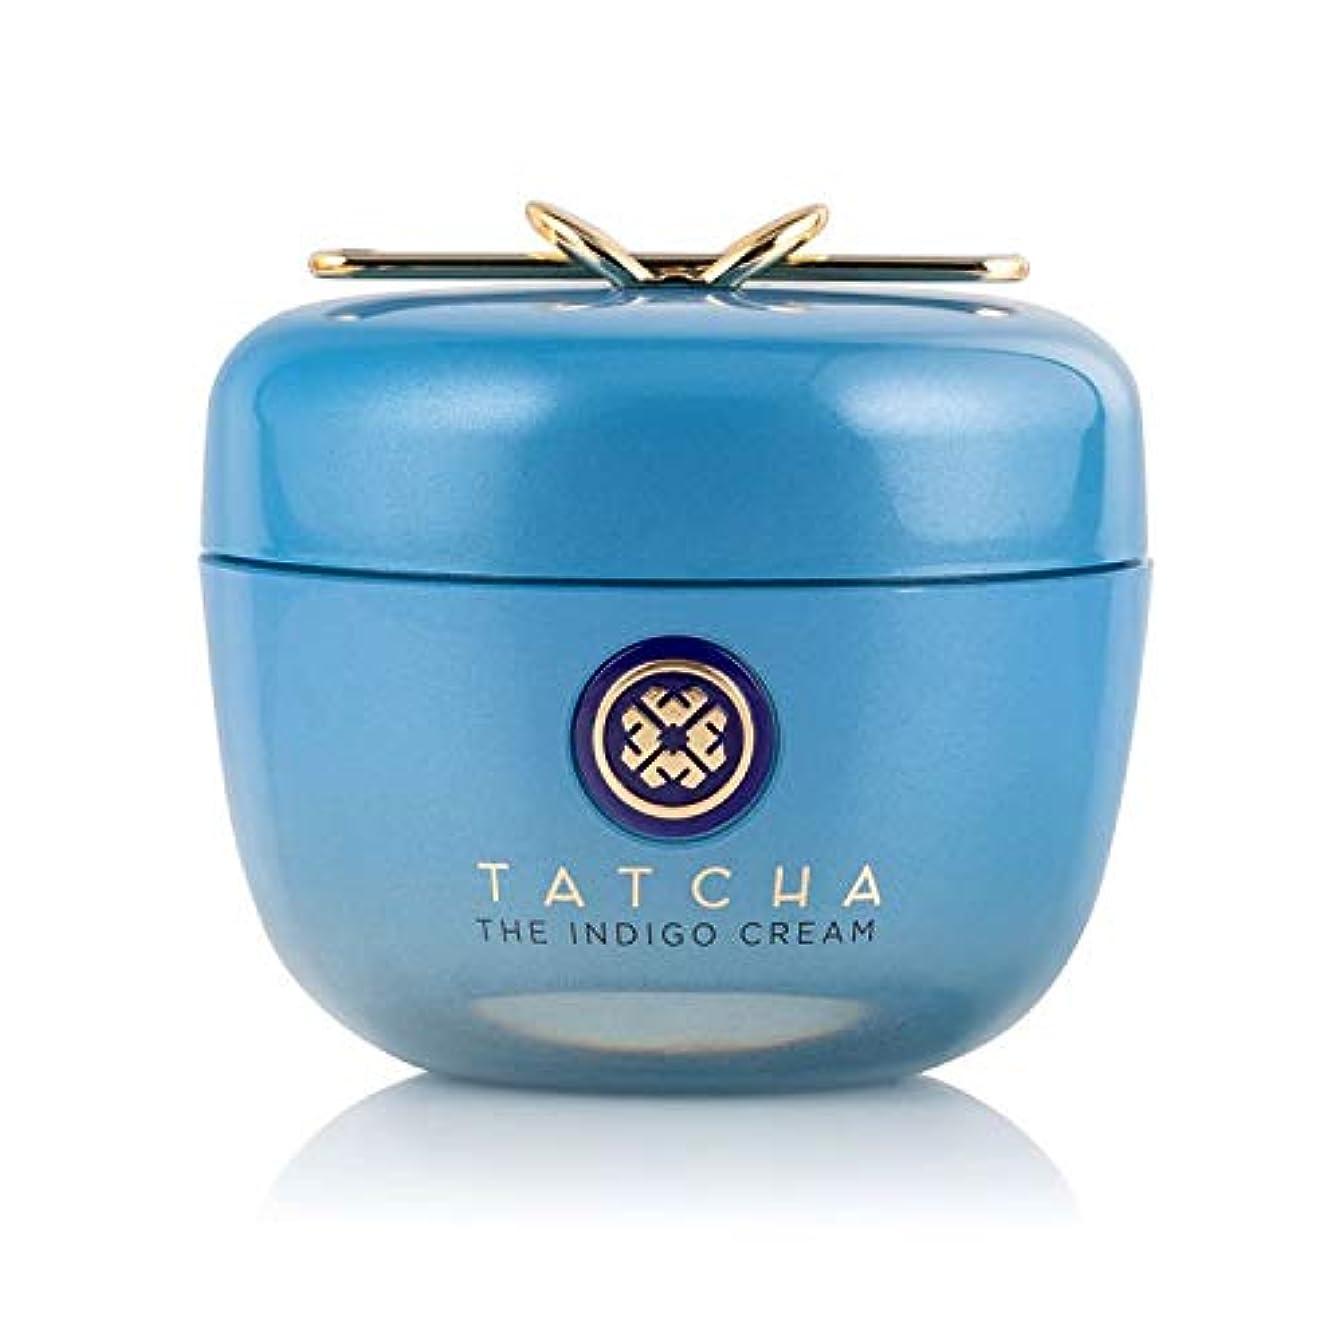 ヘビー高原感じTatcha The Indigo Cream Soothing Skin Protectant 1.7 oz/ 50 mL タチャインディゴ クリーム